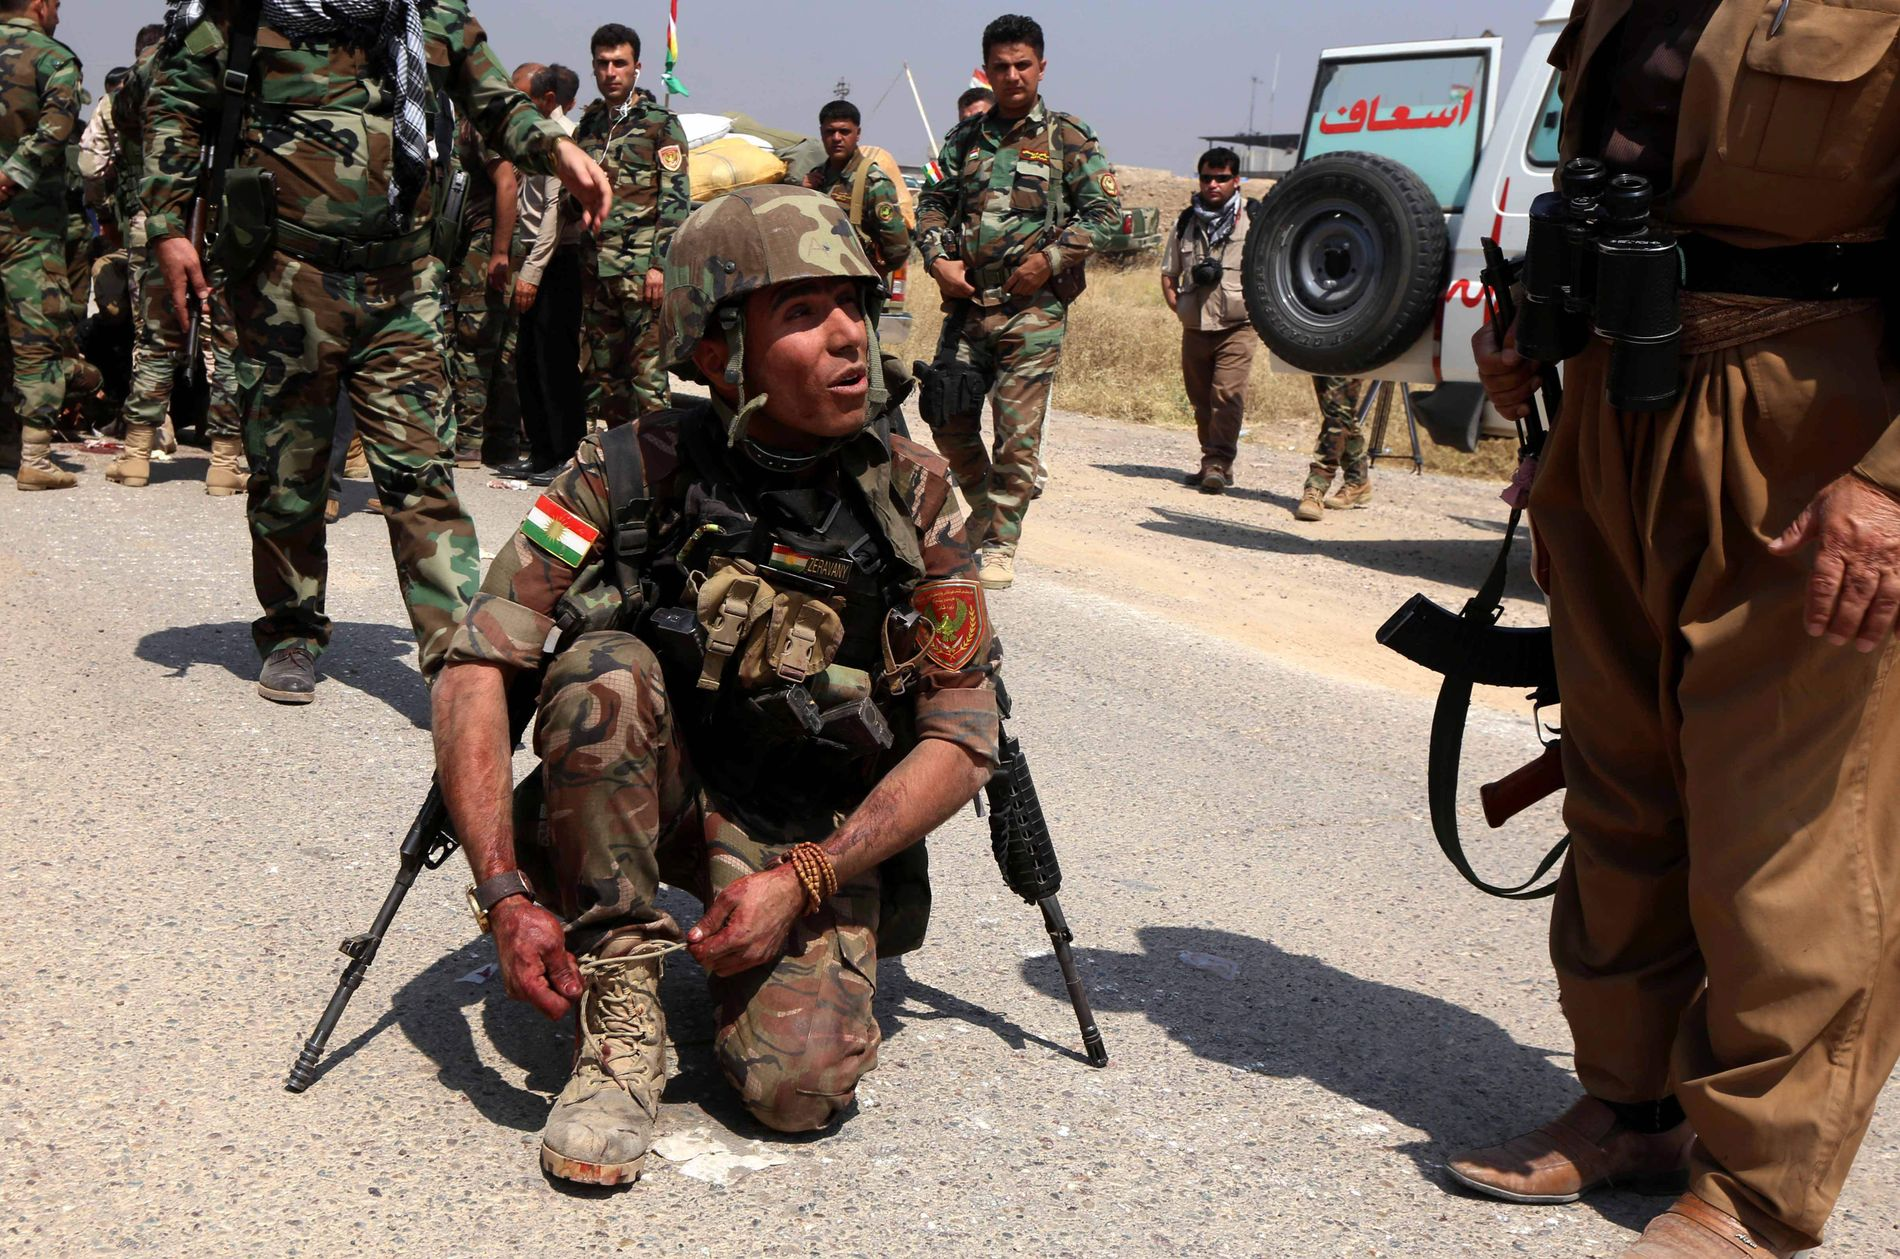 PÅ VEI MOT MOSUL: En kurdisk peshmerga-soldat knyter støvelen etter å ha inntatt en landsby 45 kilometer fra IS-bationen Mosul den 29. mai.